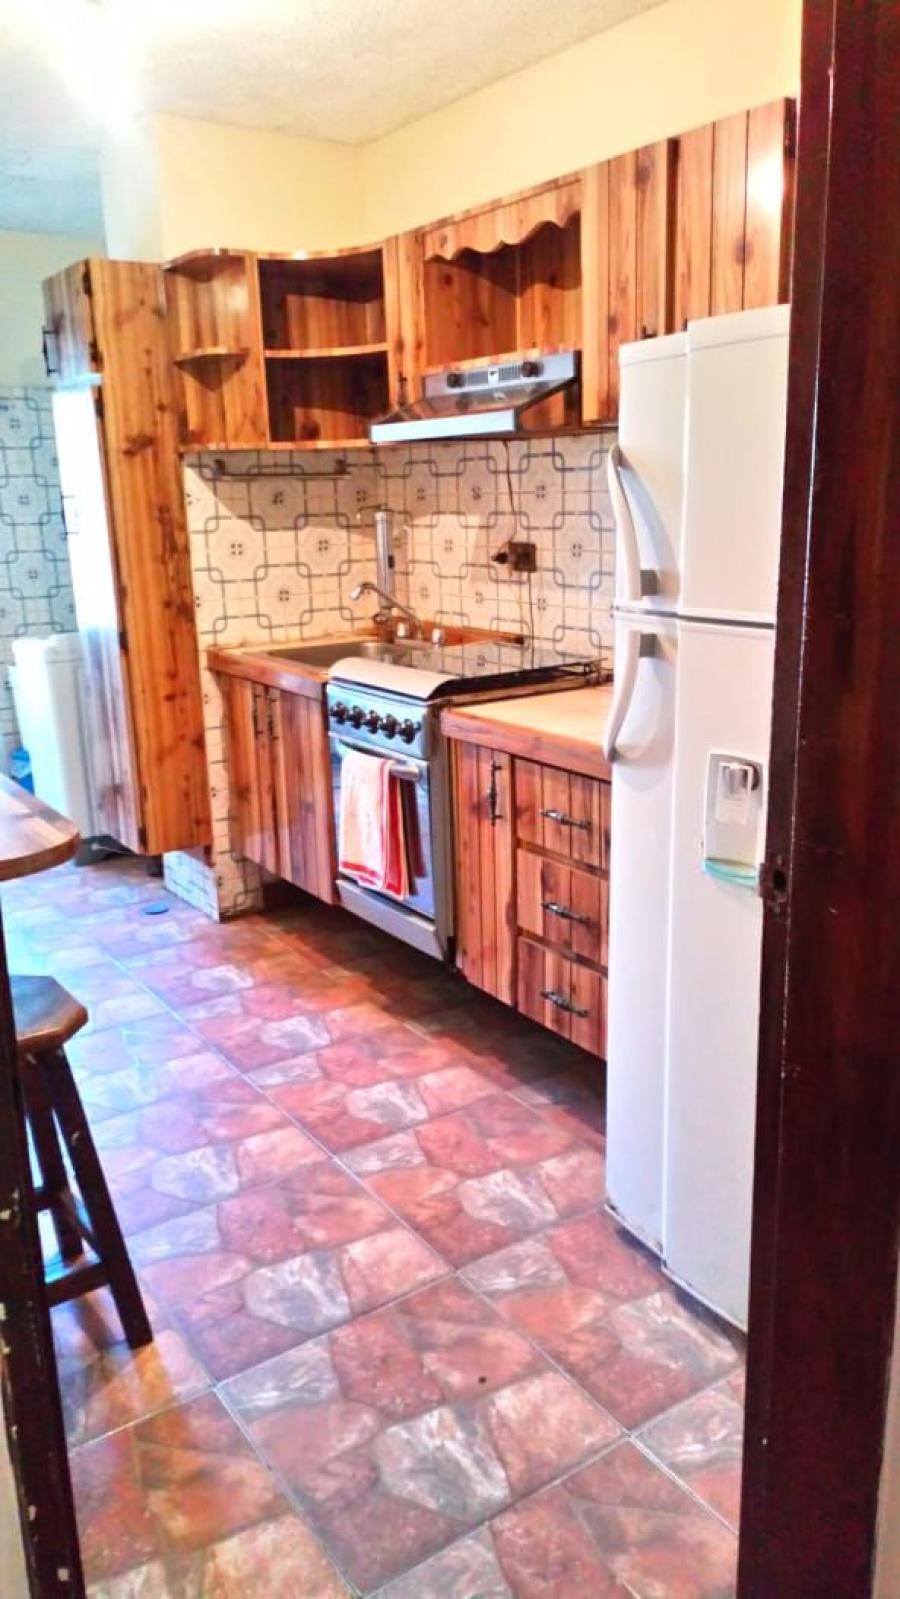 Foto Apartamento en Venta en Jose felix ribas, La Victoria, Aragua - U$D 15.000 - APV134535 - BienesOnLine